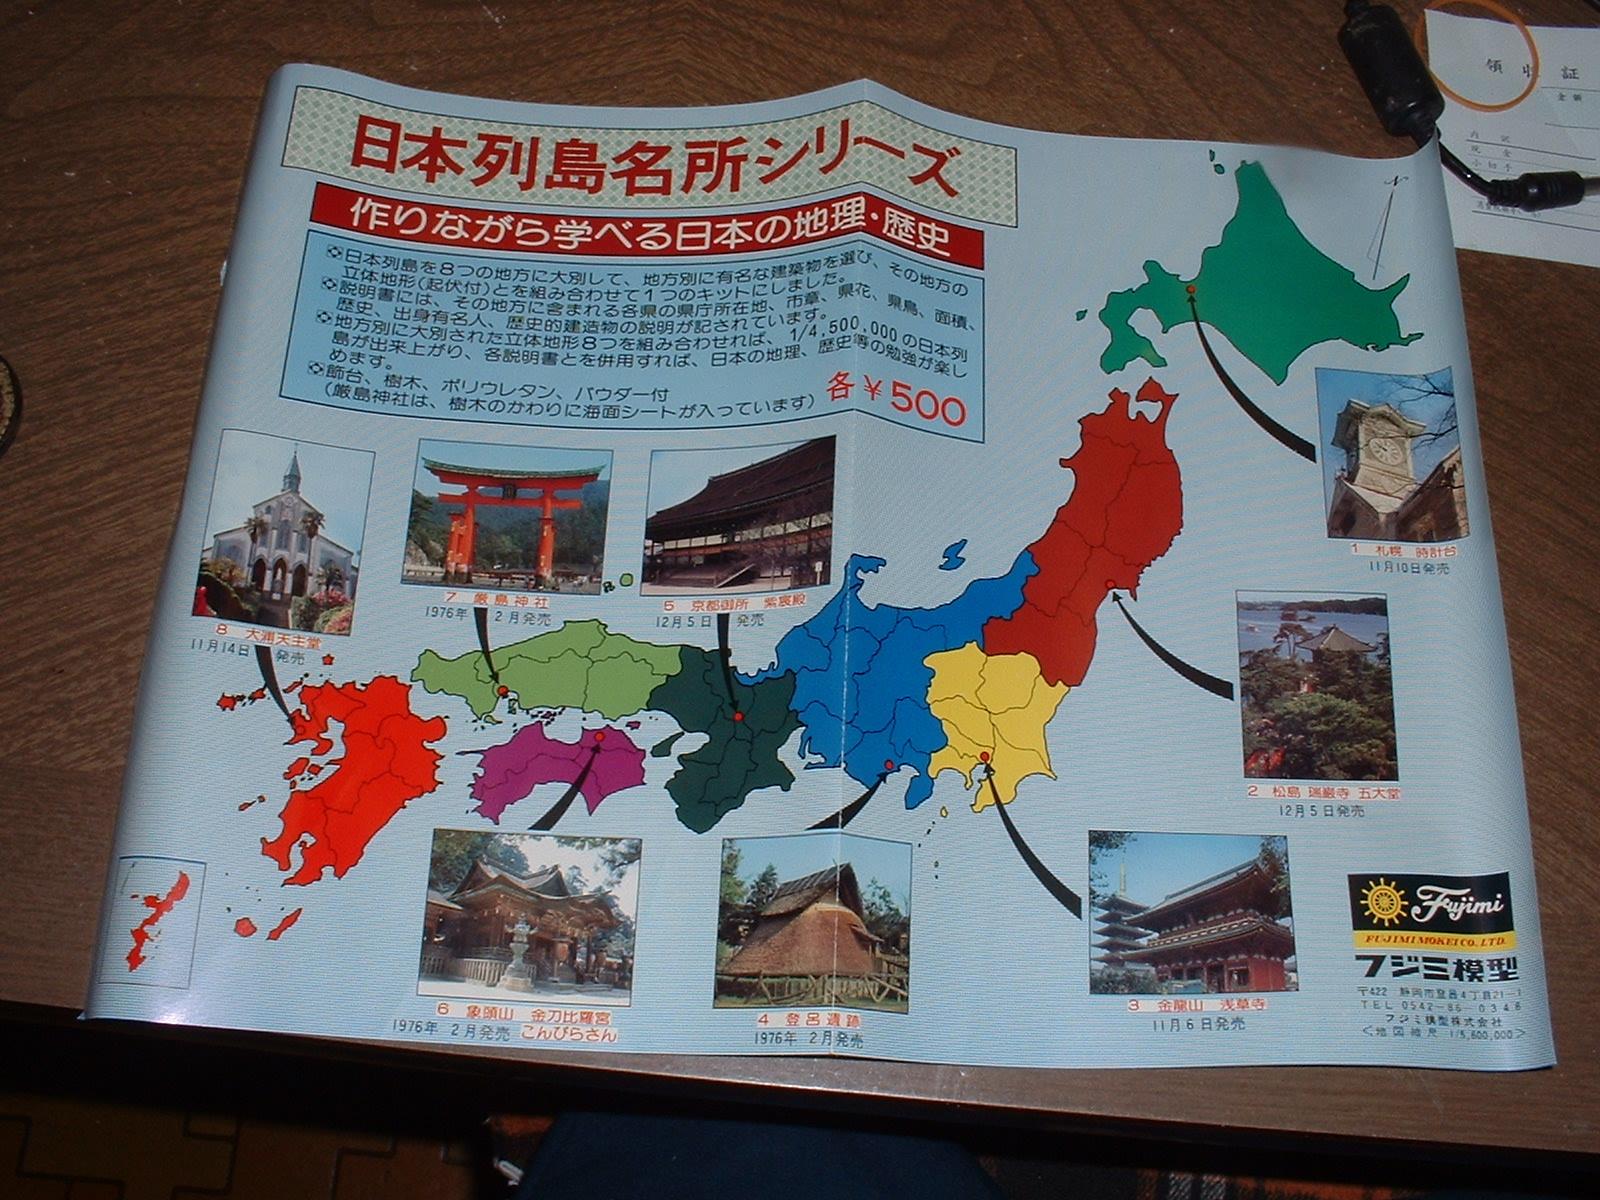 1975年発売 フジミ模型㈱ 日本列島名所シリーズ 同封チラシ Doburoku-TAO.JPG